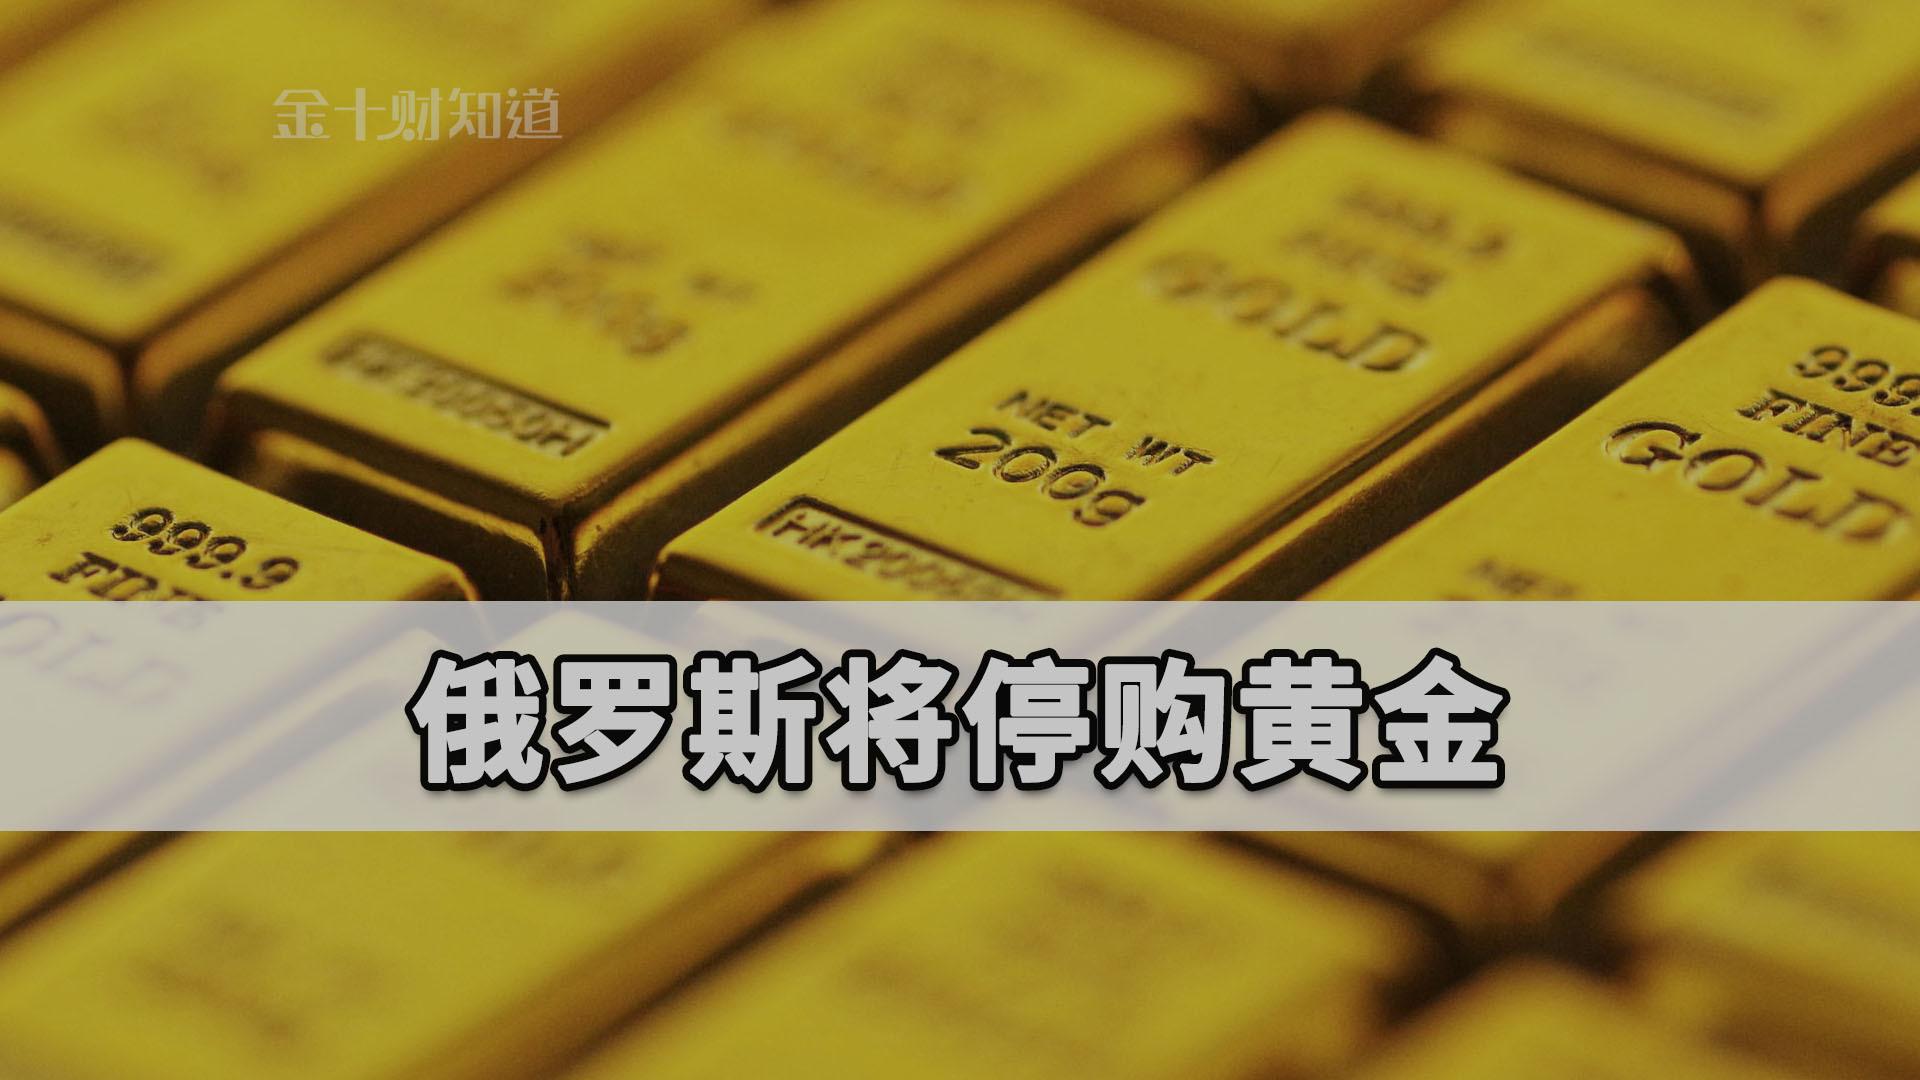 储备2270吨黄金后,全球最大买家突然宣布停止购买,原因是什么?